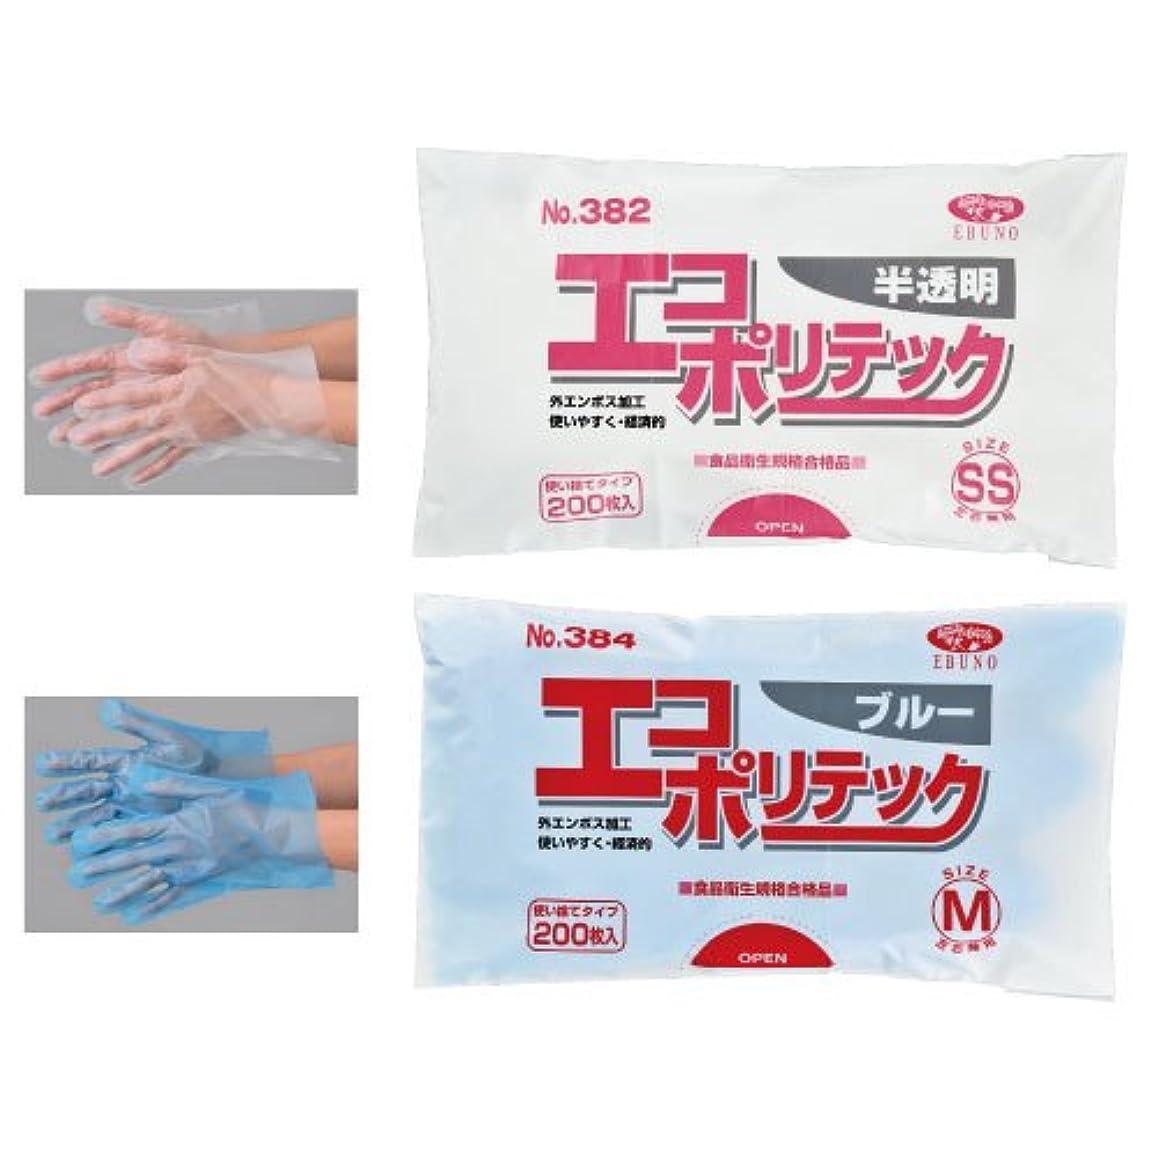 祝福ダッシュギャンブルエブノ ポリエチレン手袋 No.382 L 半透明 (200枚×30袋) エコポリテック 袋入